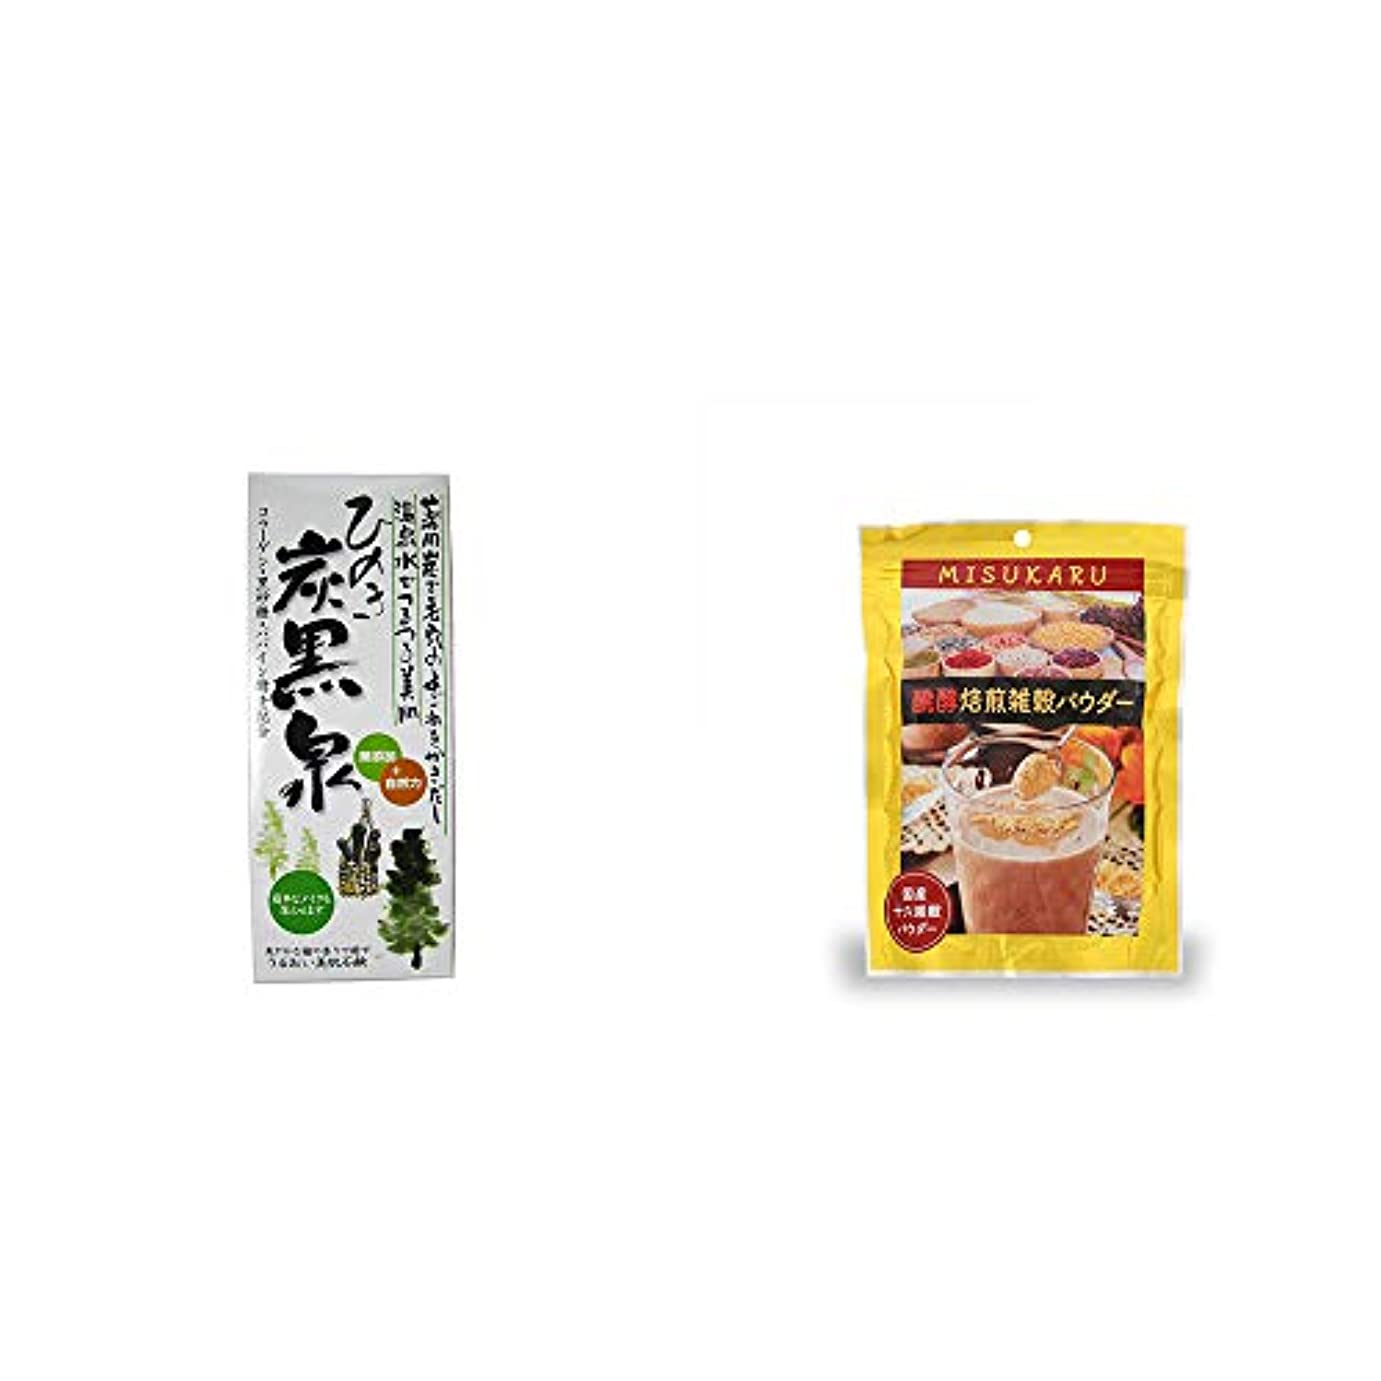 許す財布以内に[2点セット] ひのき炭黒泉 箱入り(75g×3)?醗酵焙煎雑穀パウダー MISUKARU(ミスカル)(200g)